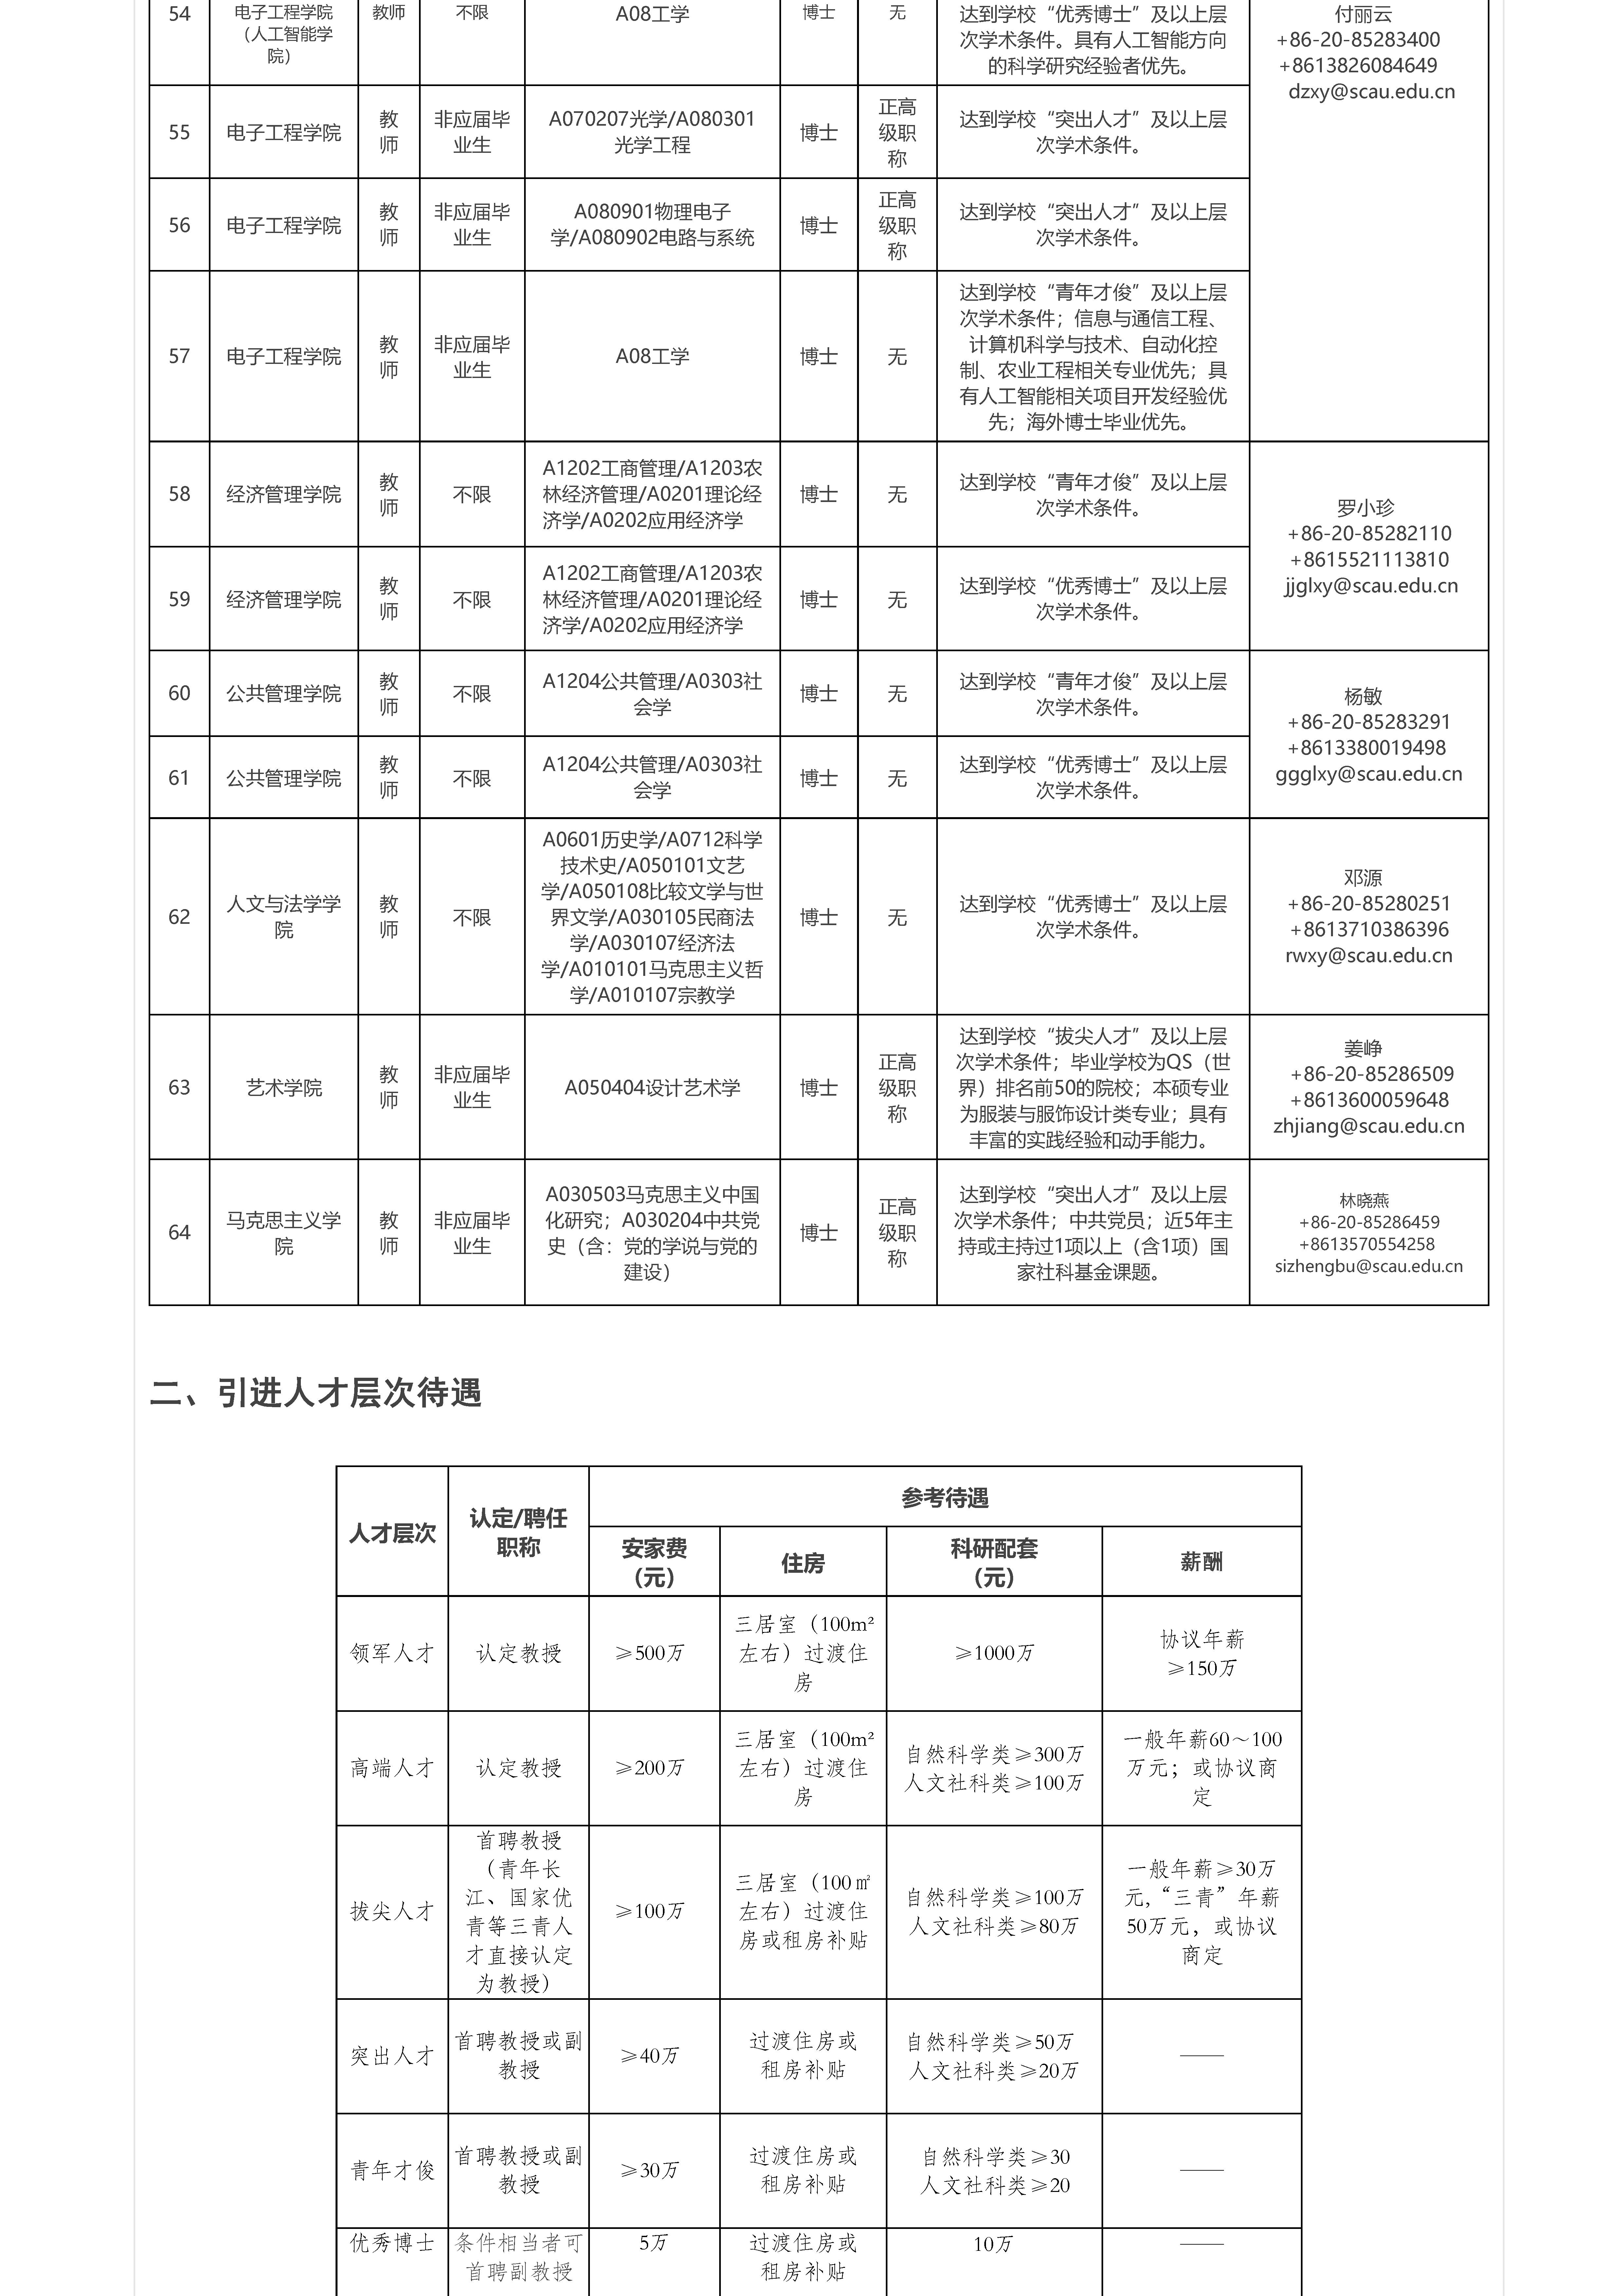 (招聘中)华南农业大学2020年高层次人才招聘公告_页面_4.png